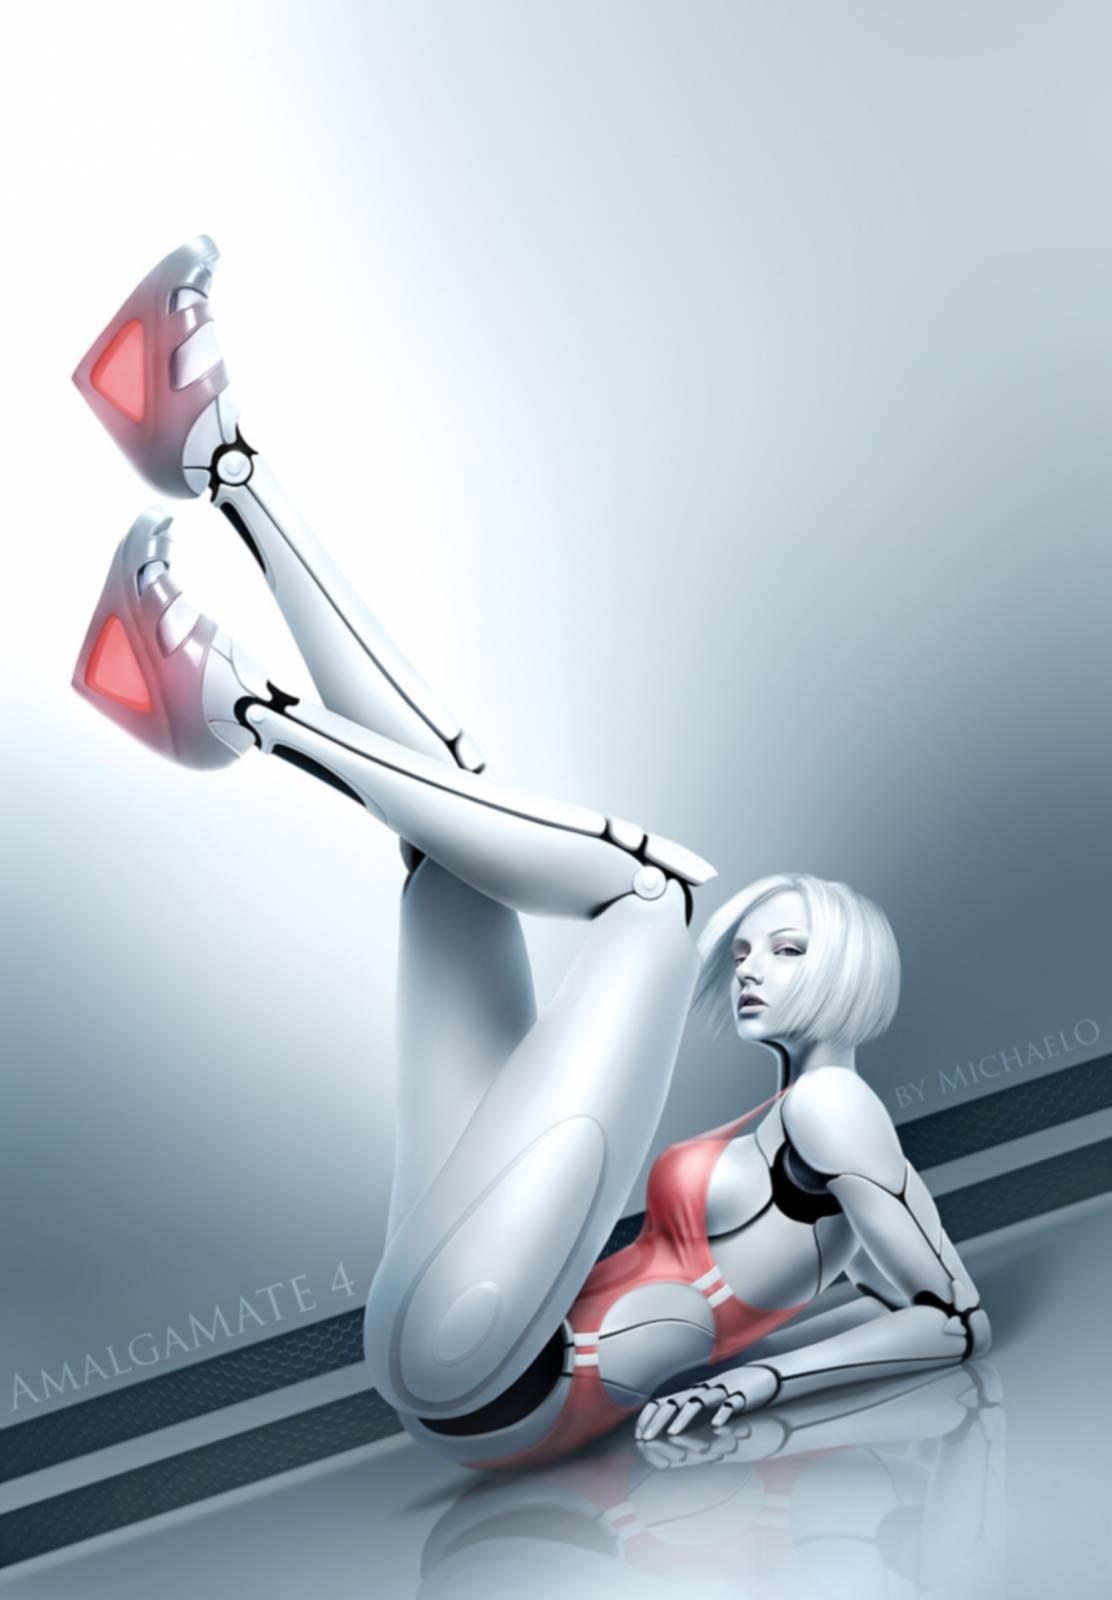 Робот девушка для секса фото 23 фотография